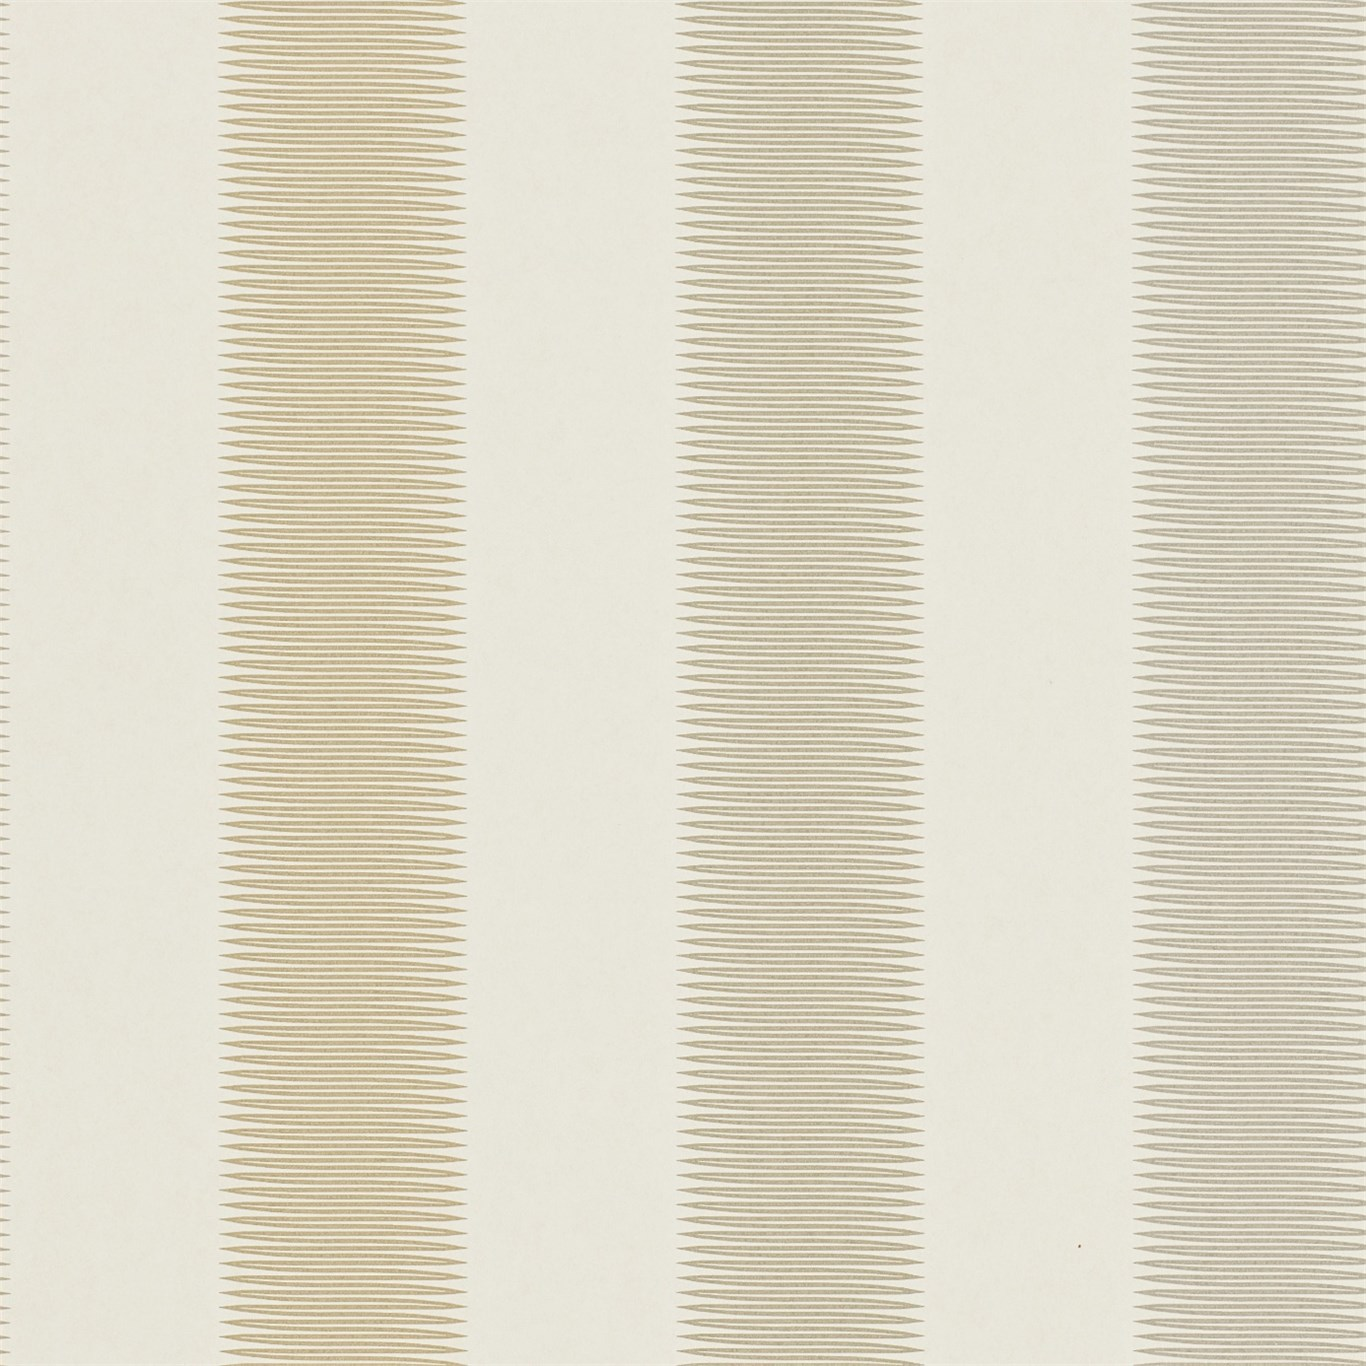 Английские обои Harlequin,  коллекция Amazilia, артикул111057